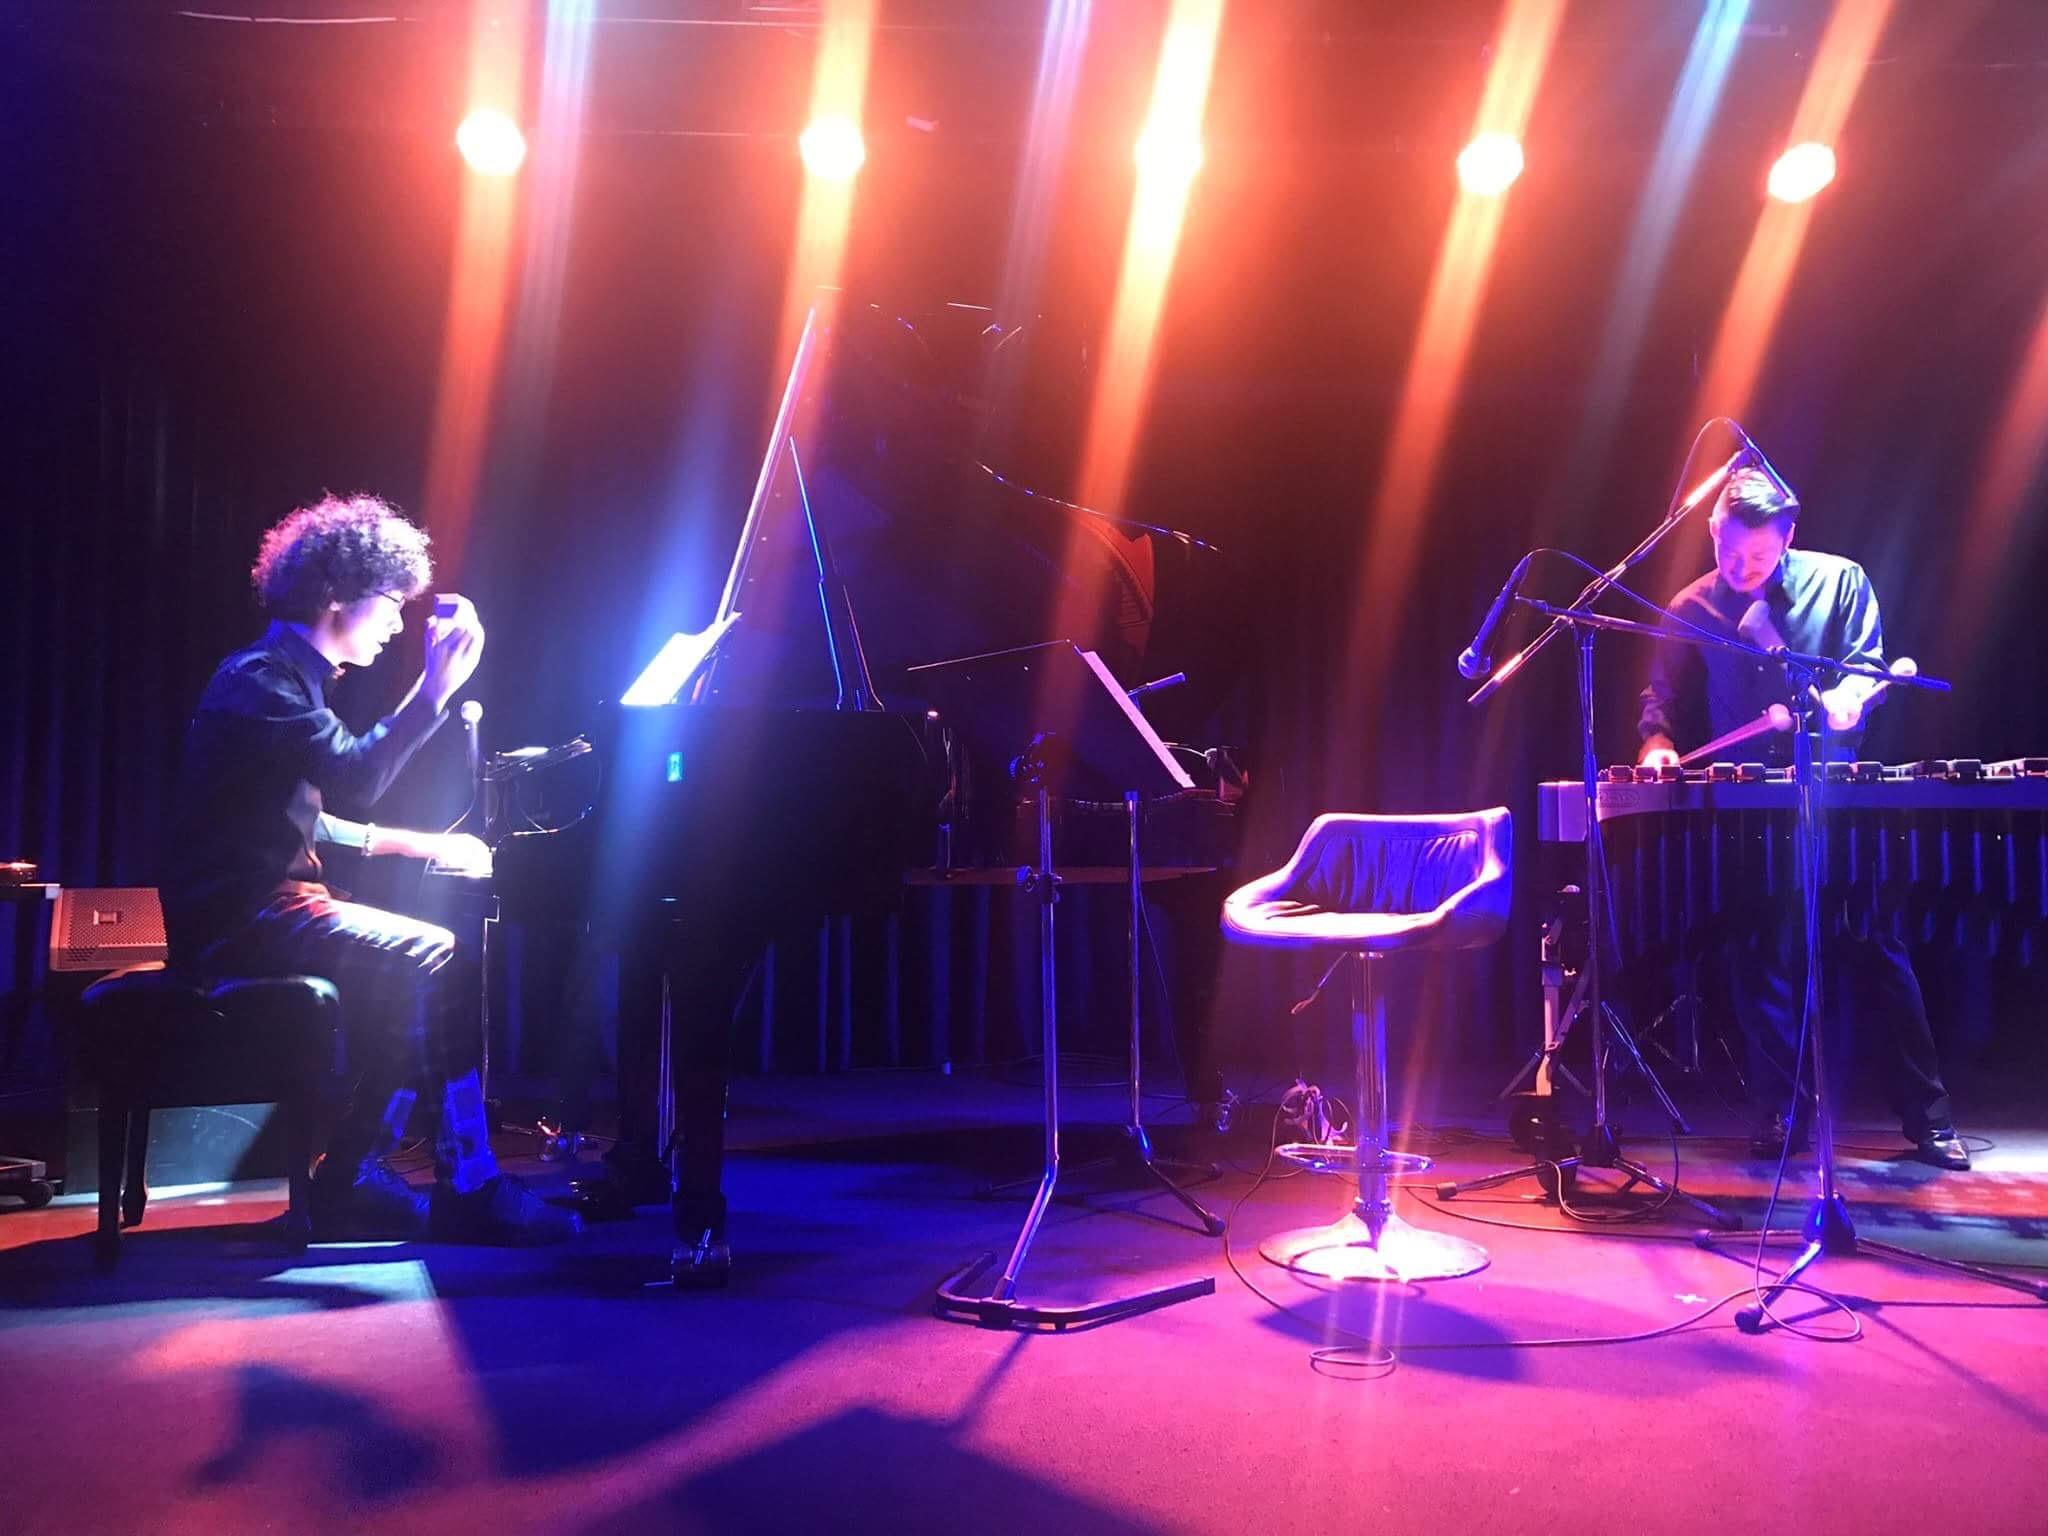 マリンバ×ピアノ Duo Live Vol.5 in Tokyo